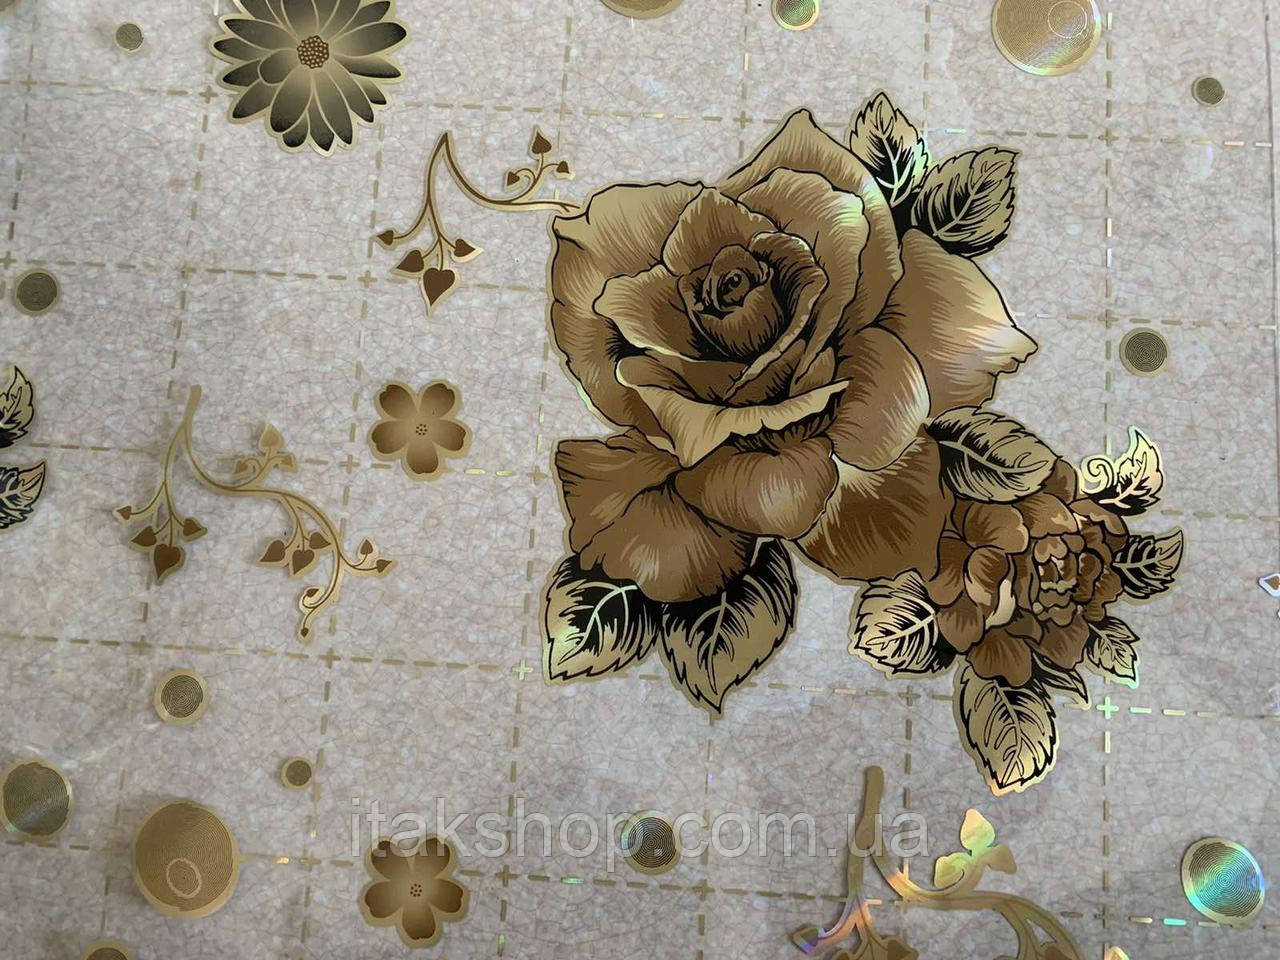 Мягкое стекло Скатерть с лазерным рисунком для мебели Soft Glass 2.1х0.8м толщина 1.5мм Кофейная роза